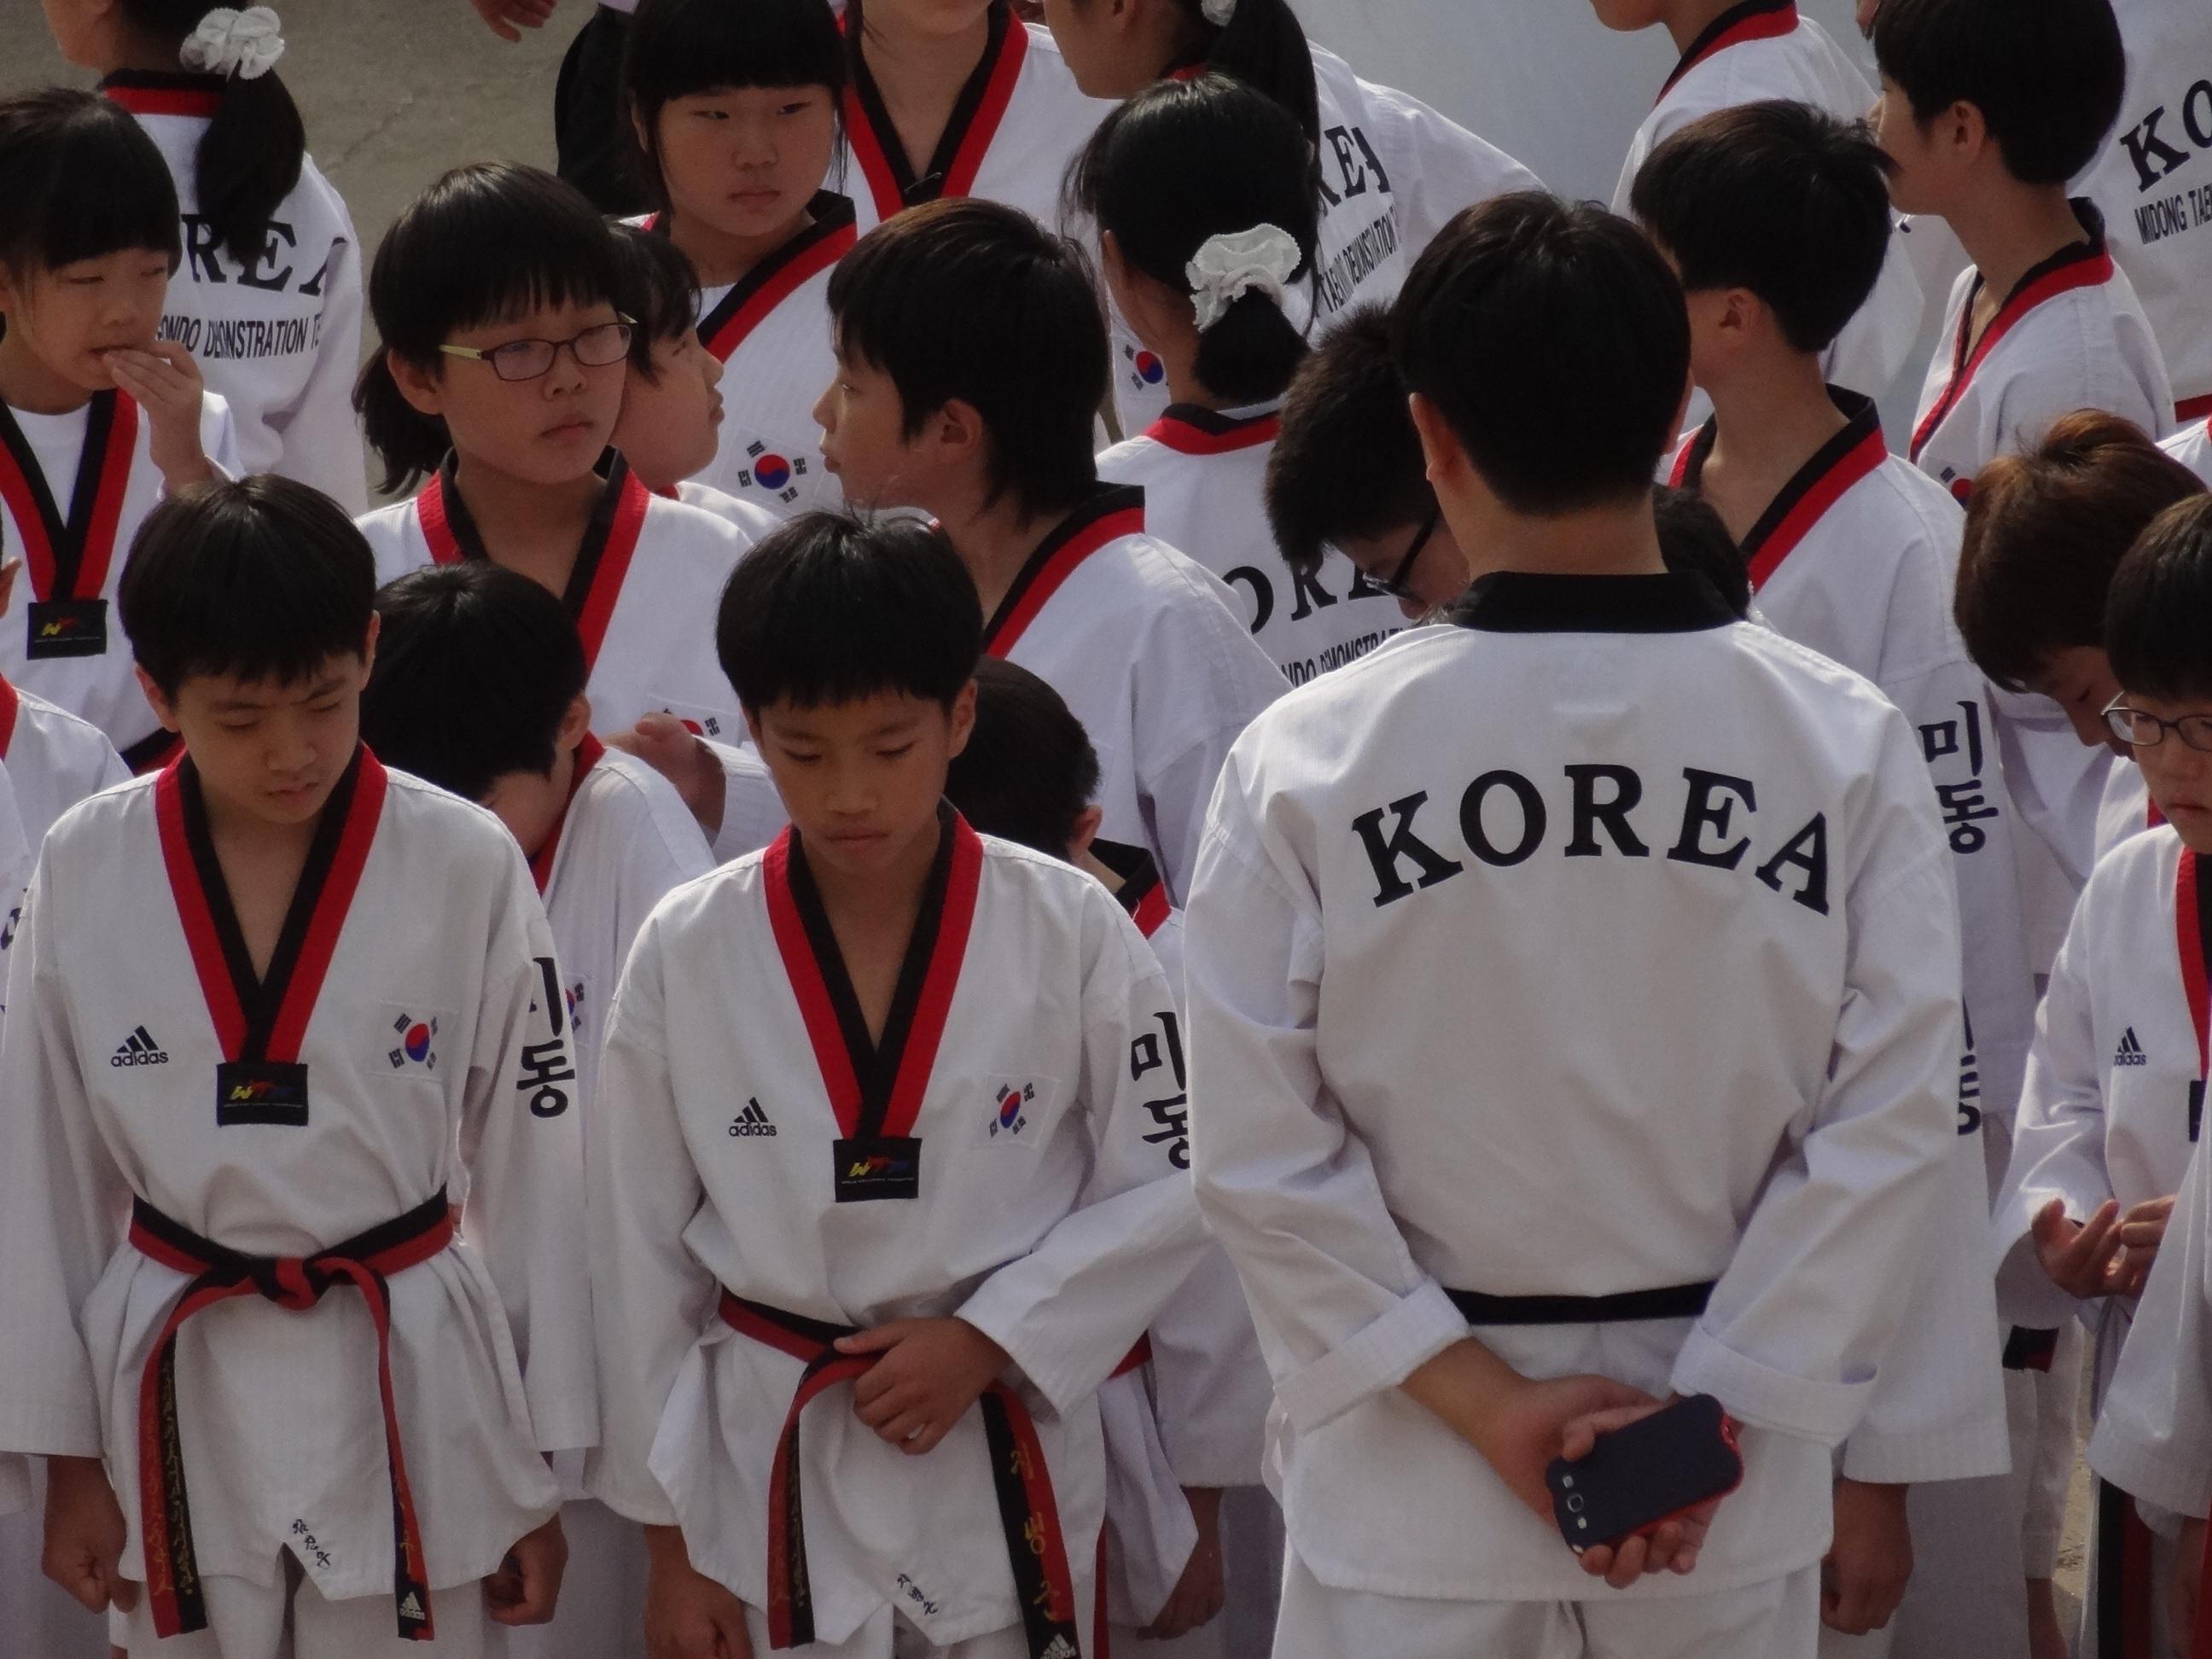 Seoul Taekwando